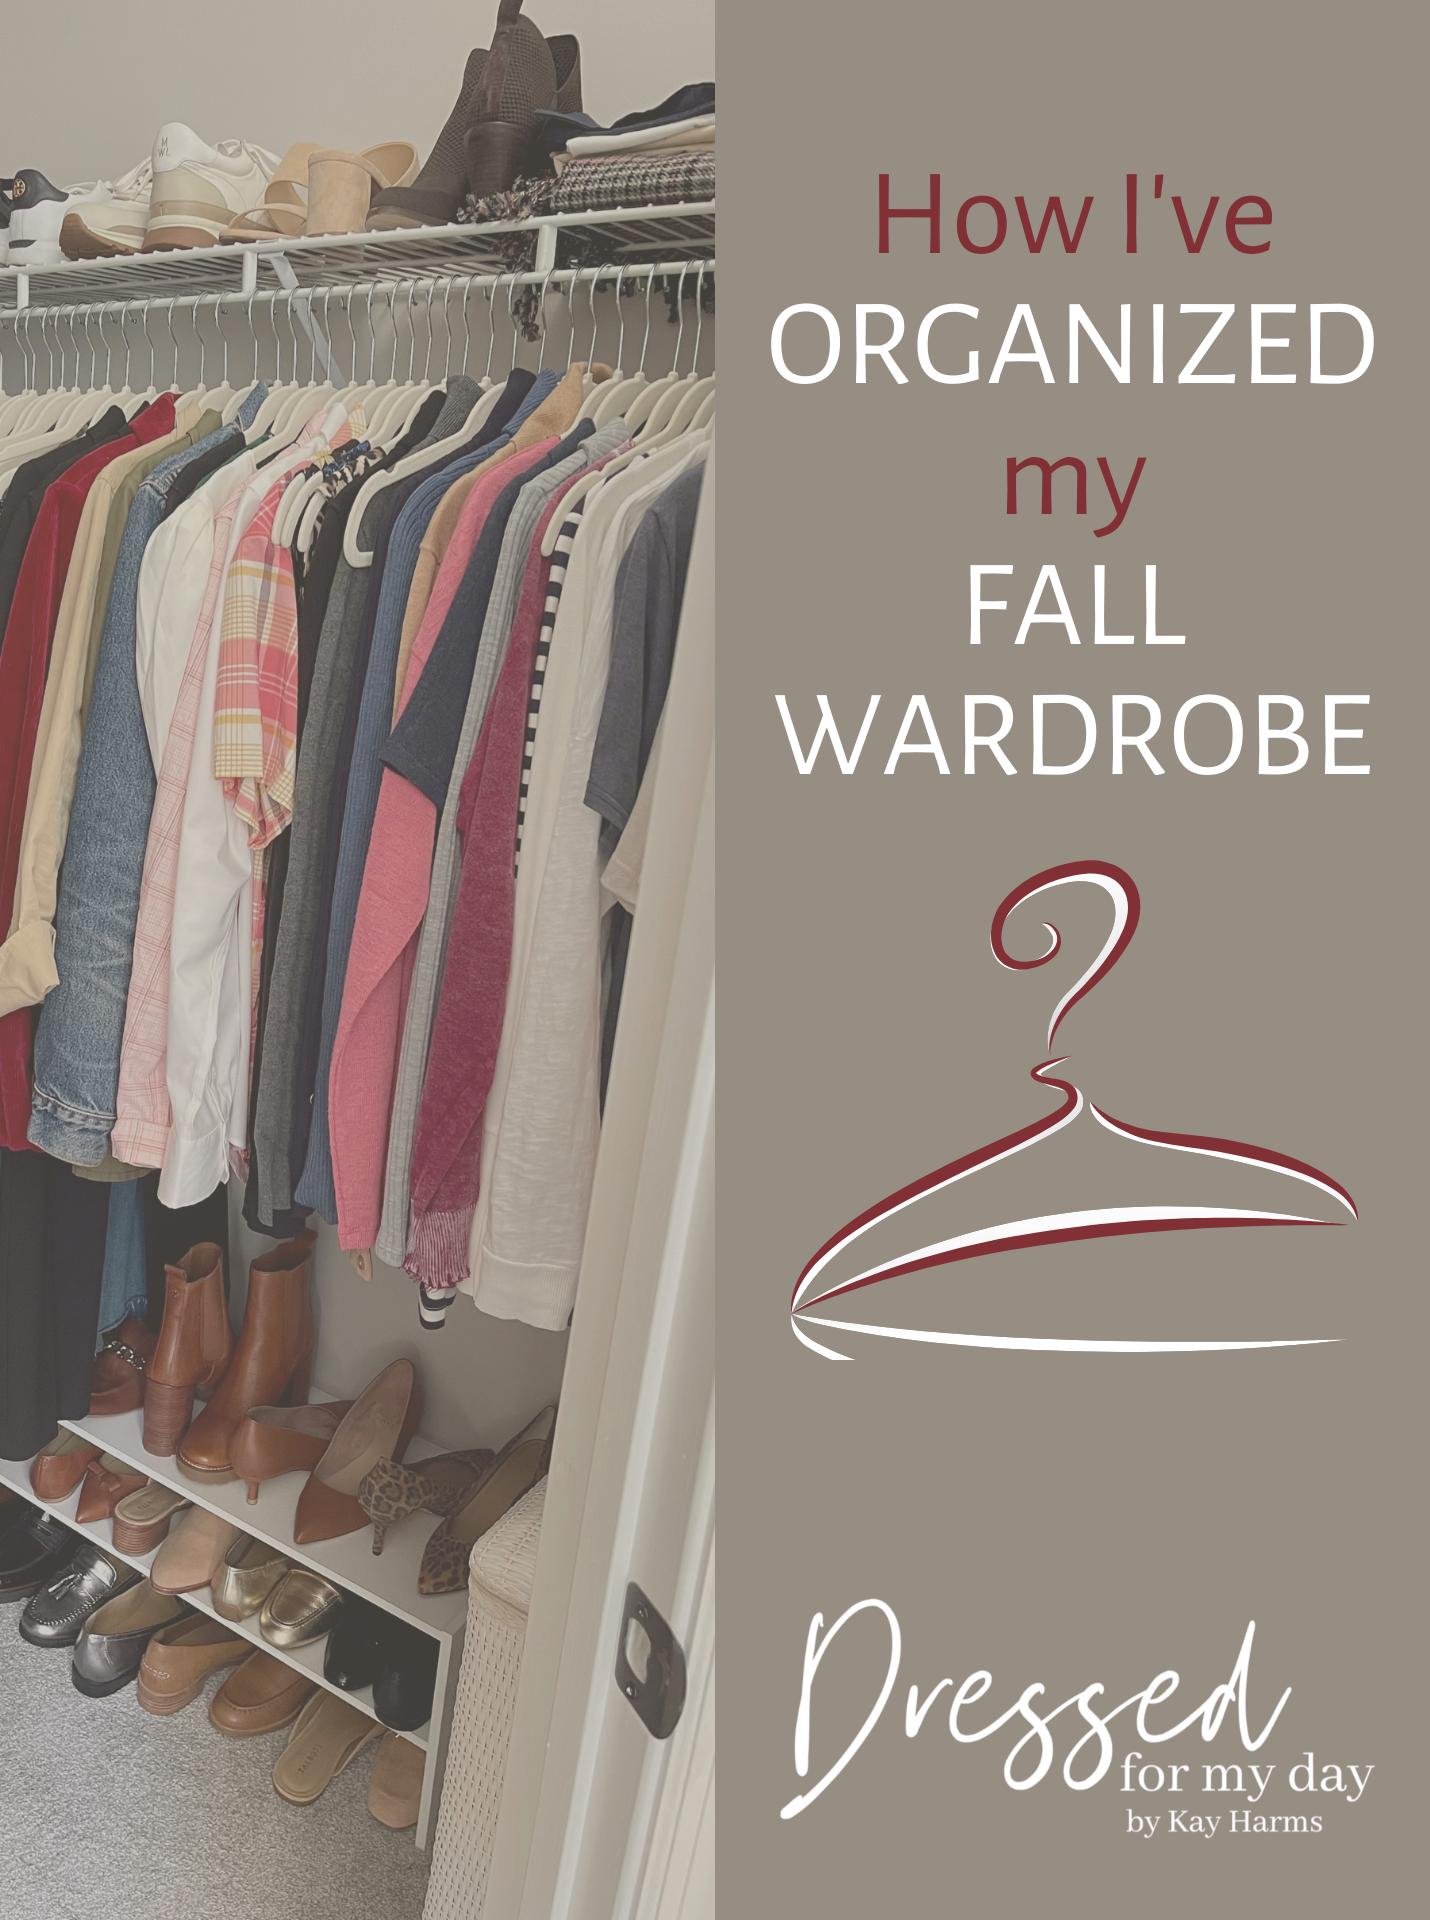 How I've Organized My Fall Wardrobe